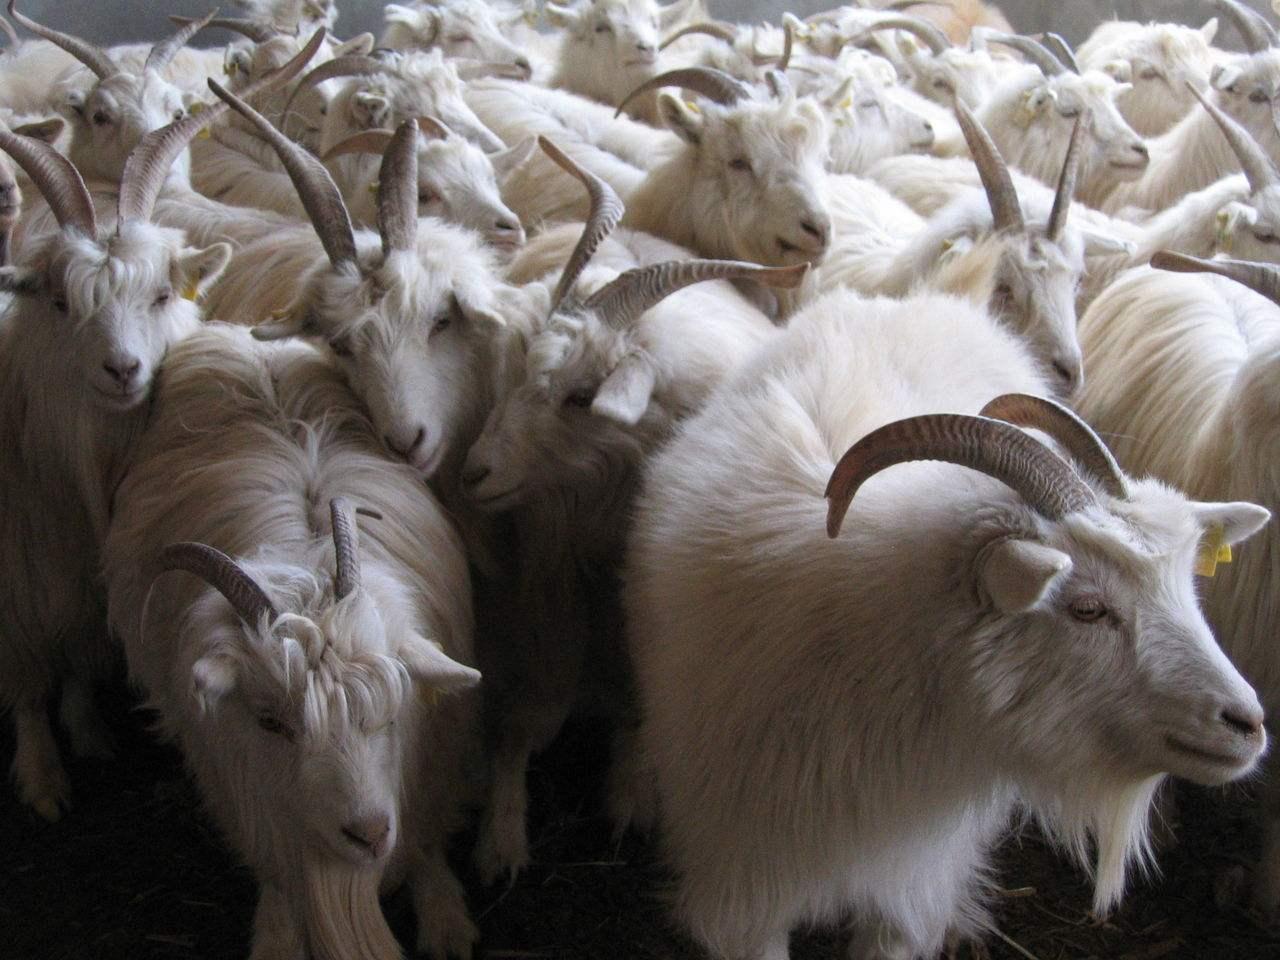 【摆渡·冬】记忆中的山羊(散文)